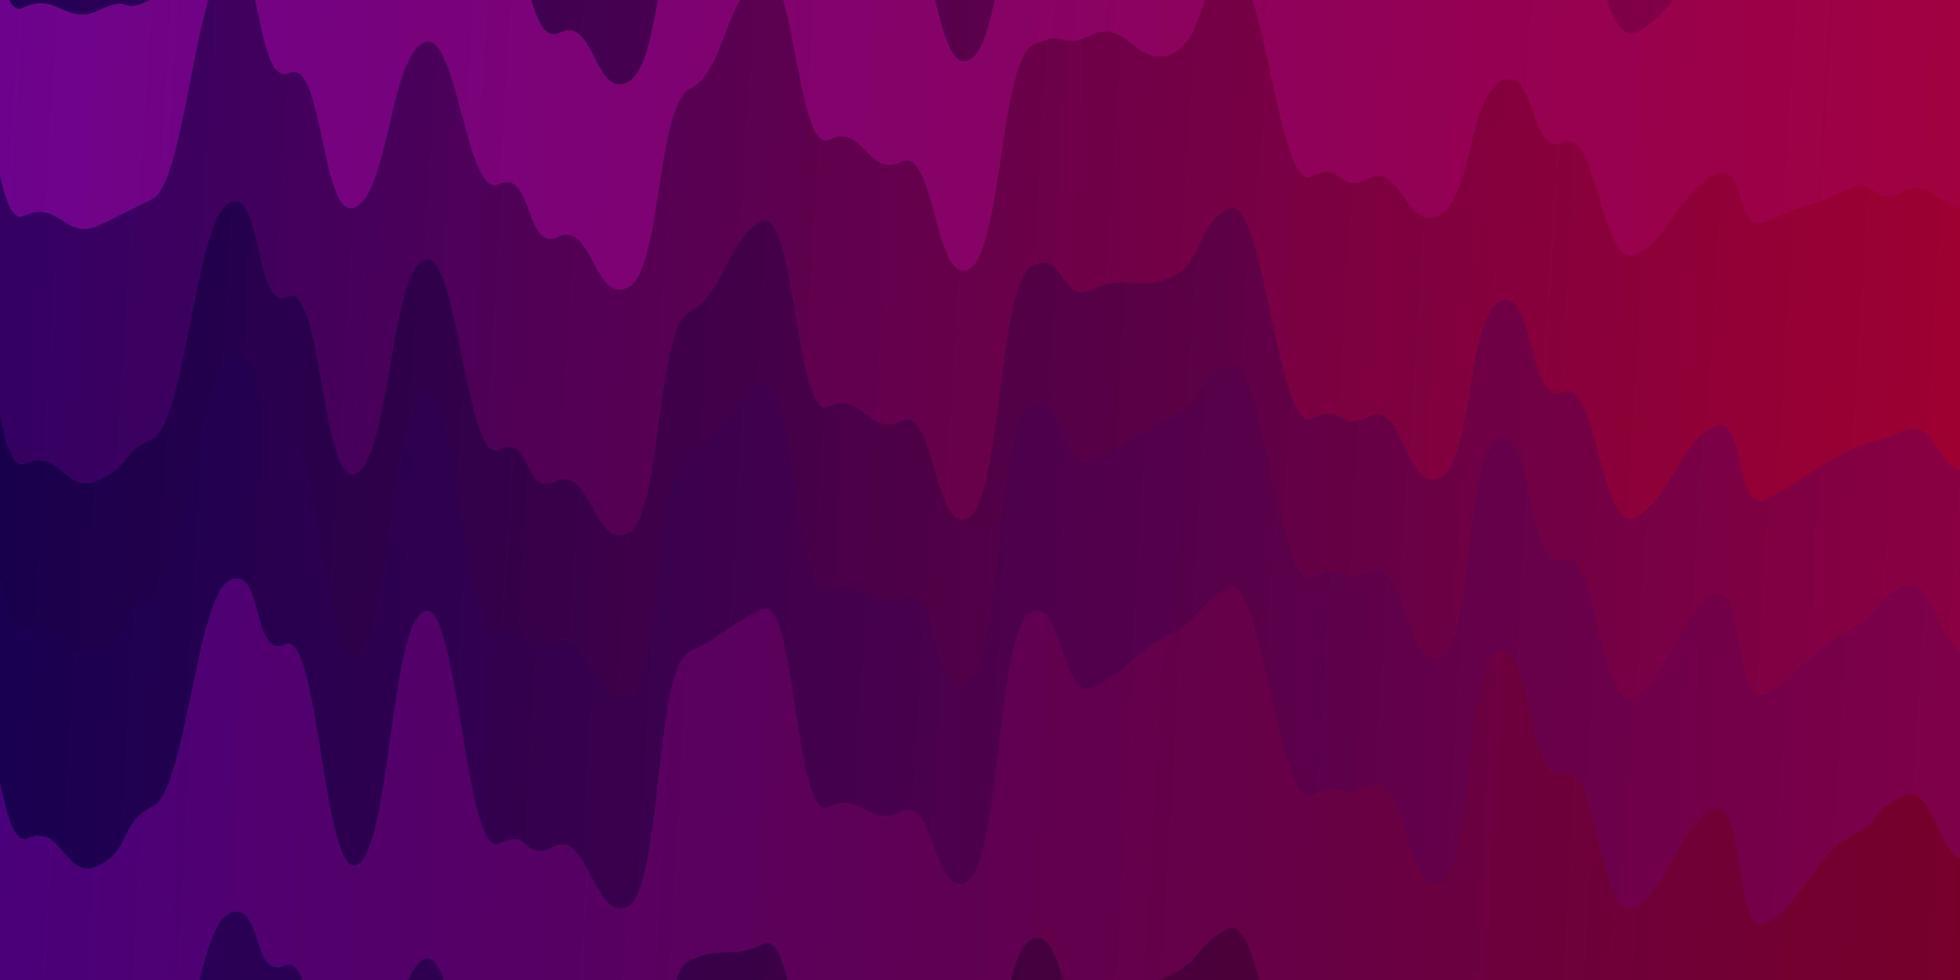 disposition de vecteur violet foncé, rose avec des courbes.